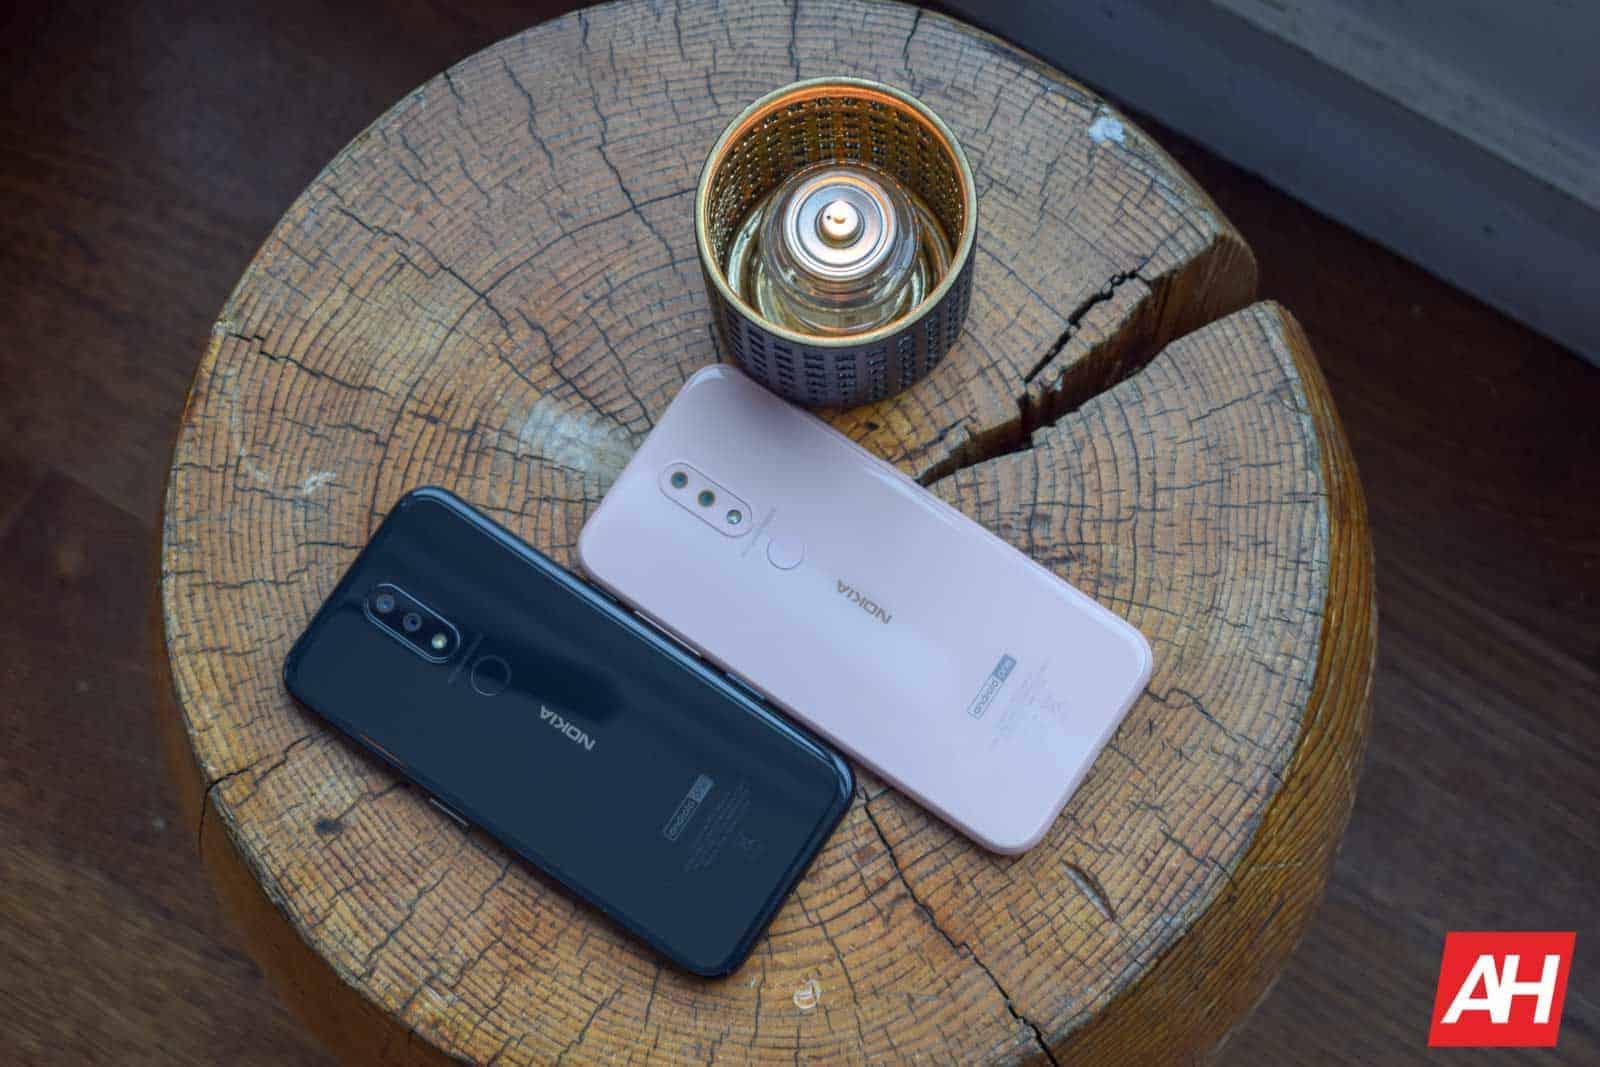 Nokia 4 2 MWC 2019 AM AH 6